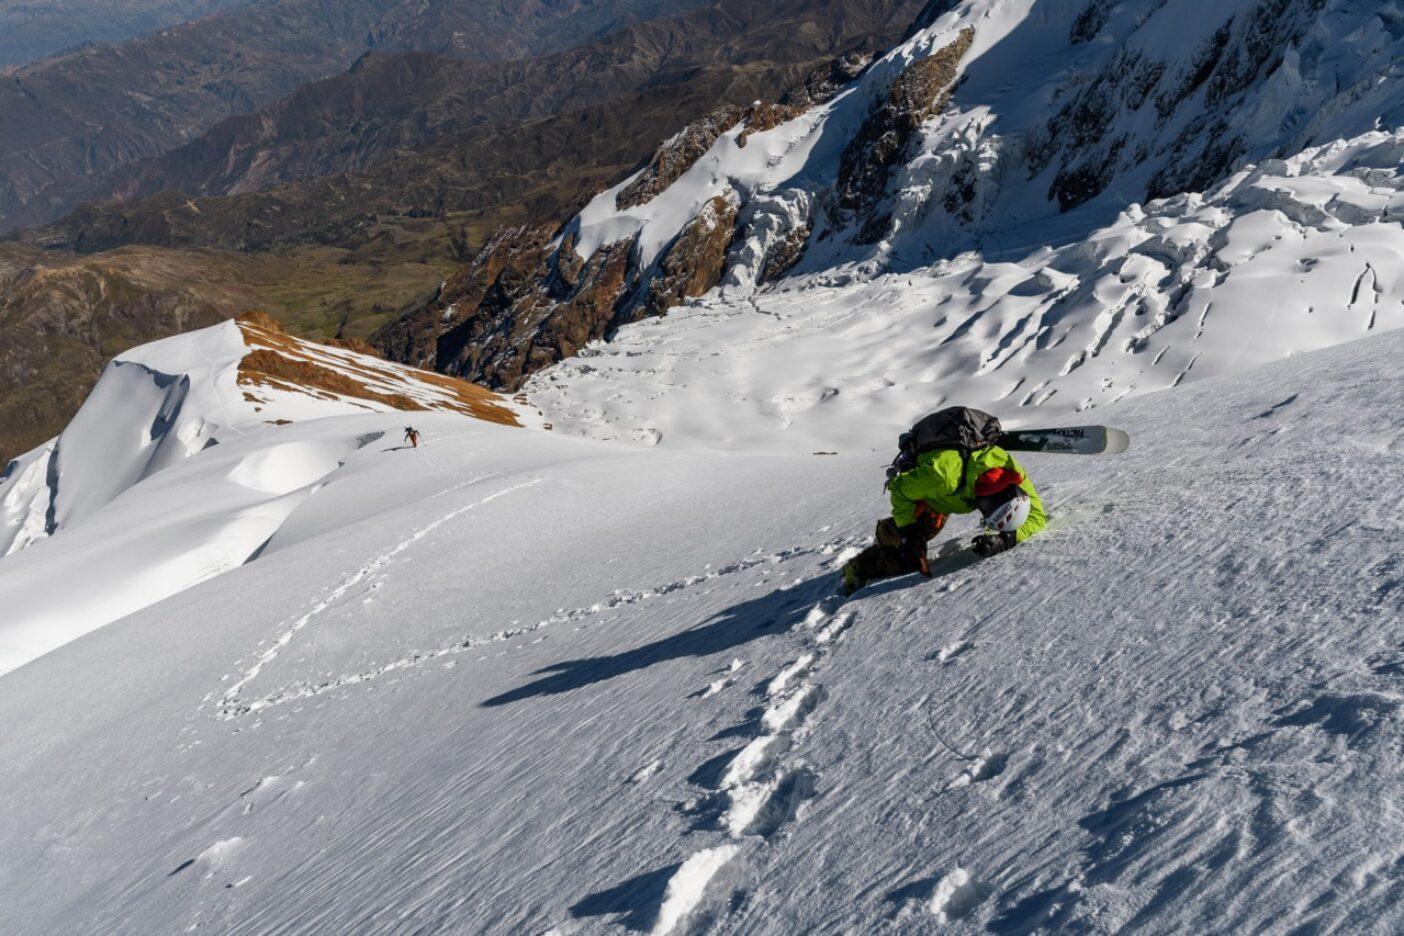 ときとして唯一必要なのは休憩。ボリビアのイリマニ・コーディエラ・レアルの6,438メートルを登高する途中で一息つくザハン。Photo:Fredrick Marmsater